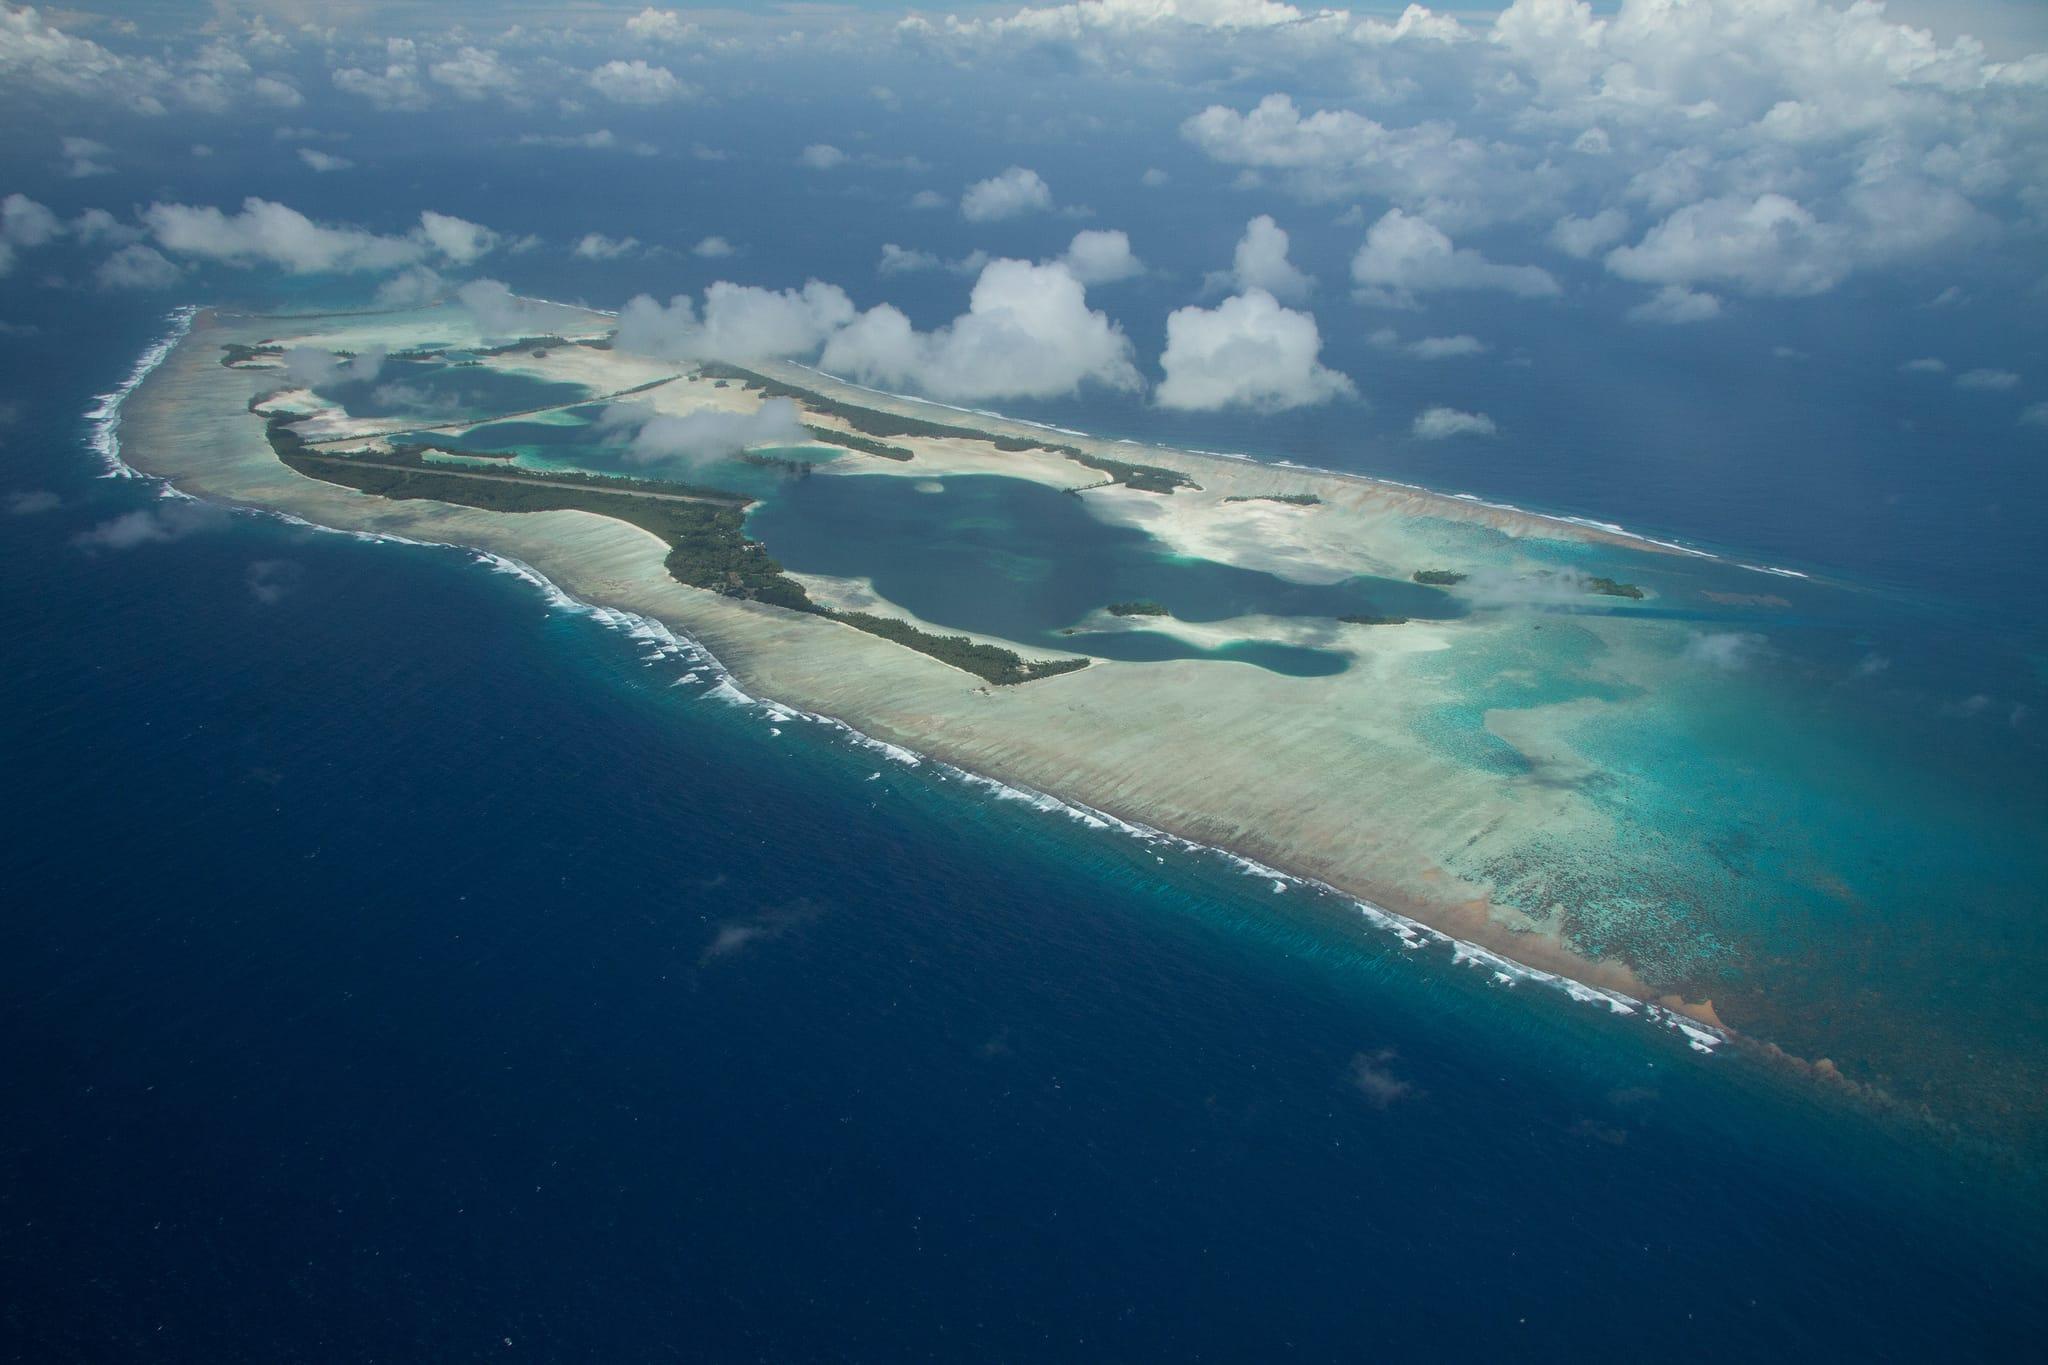 Obama cria o maior santuário oceânico do mundo no oceano Pacífico Central 2